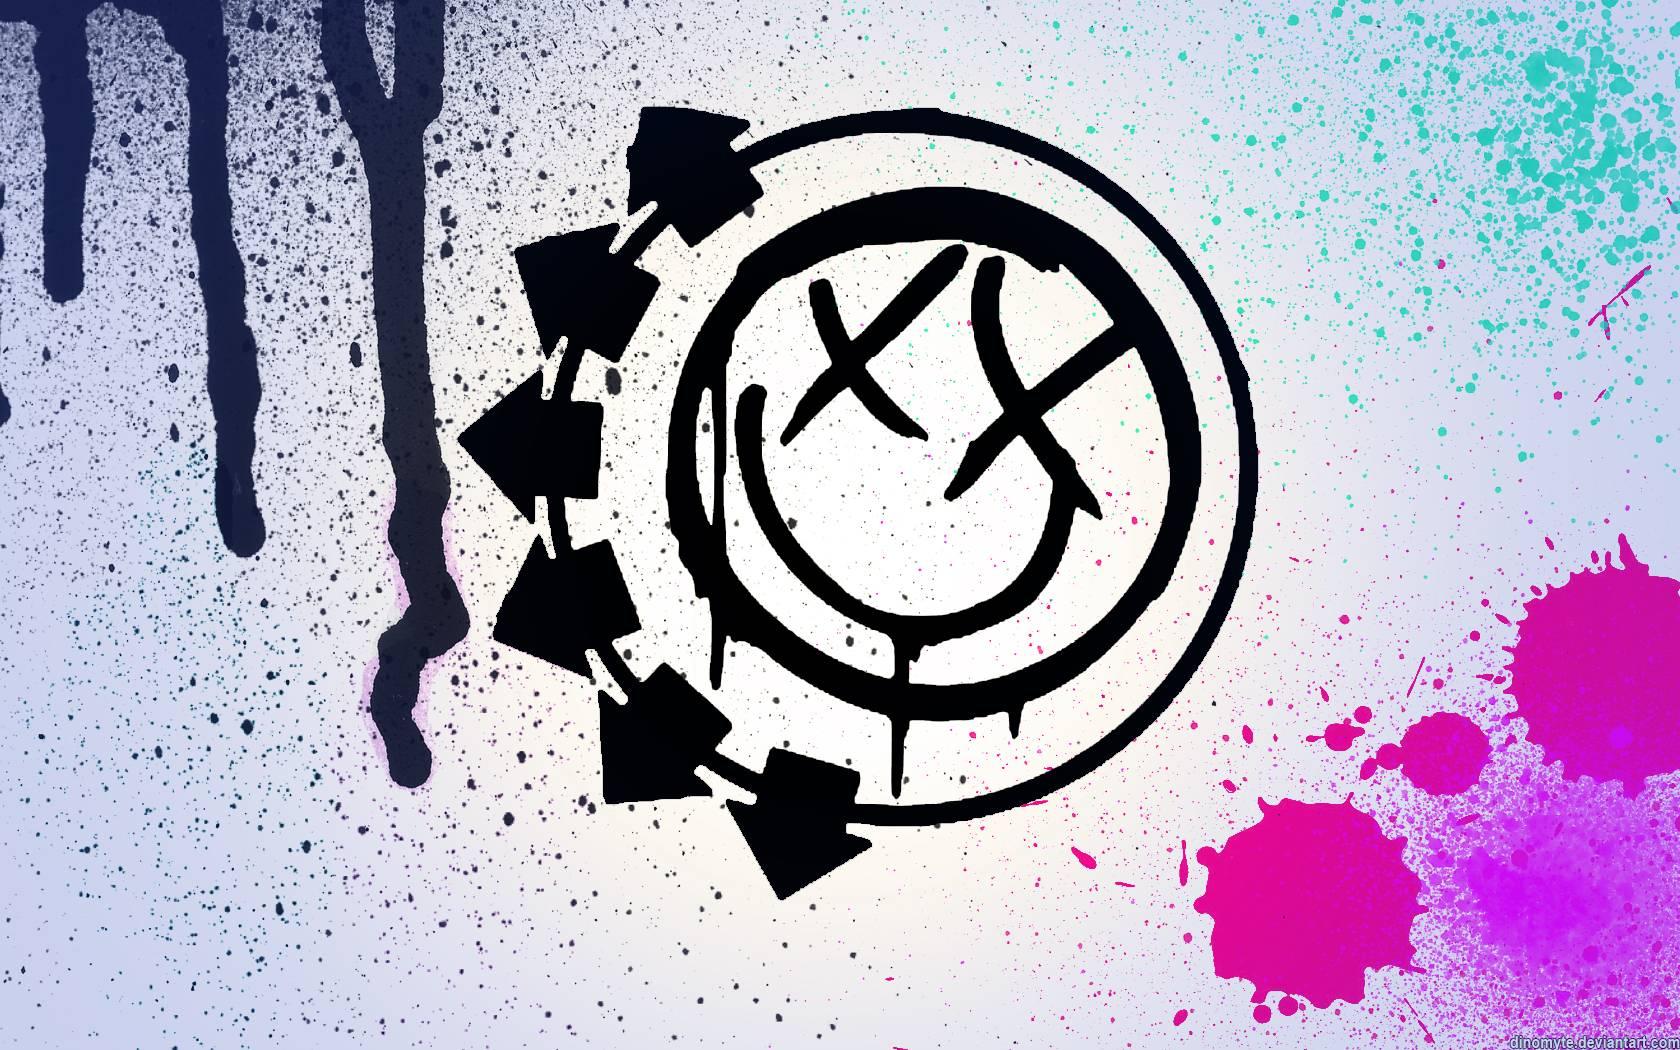 Best 47 Blink 182 Wallpaper on HipWallpaper Blink 182 Smiley 1680x1050